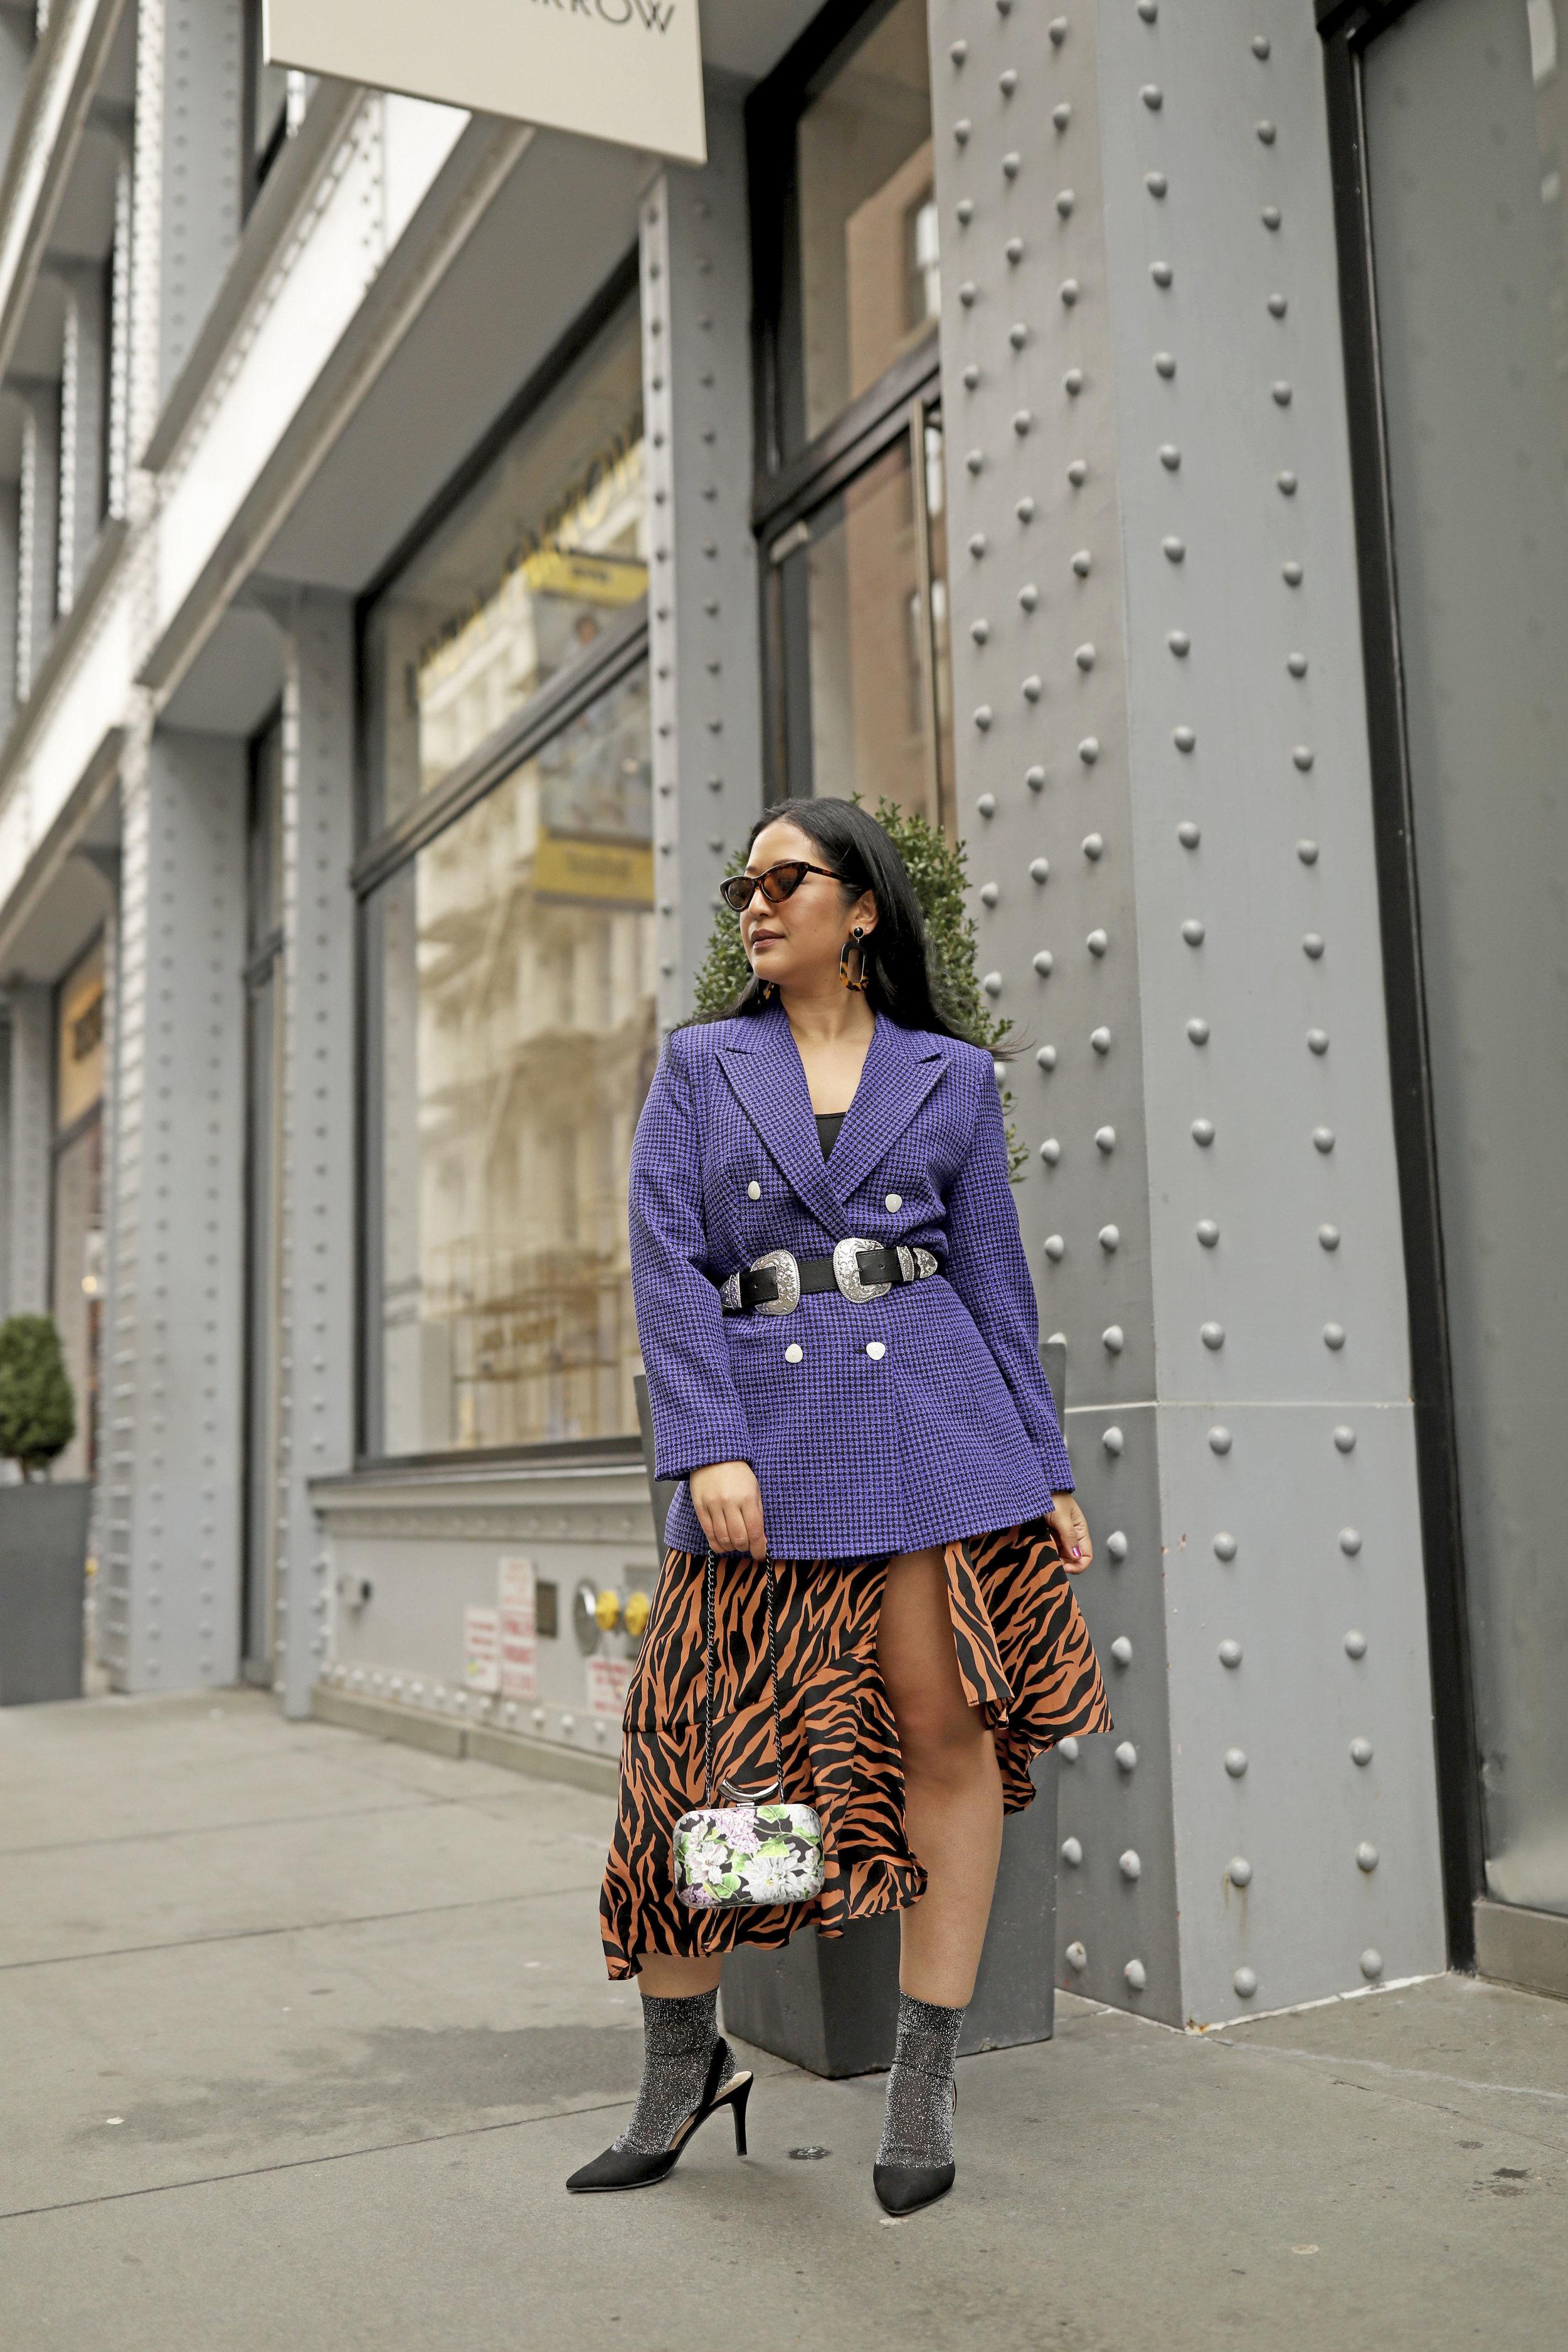 Purple Blazer Outfit Zebra Print Spring Trends_1.jpg